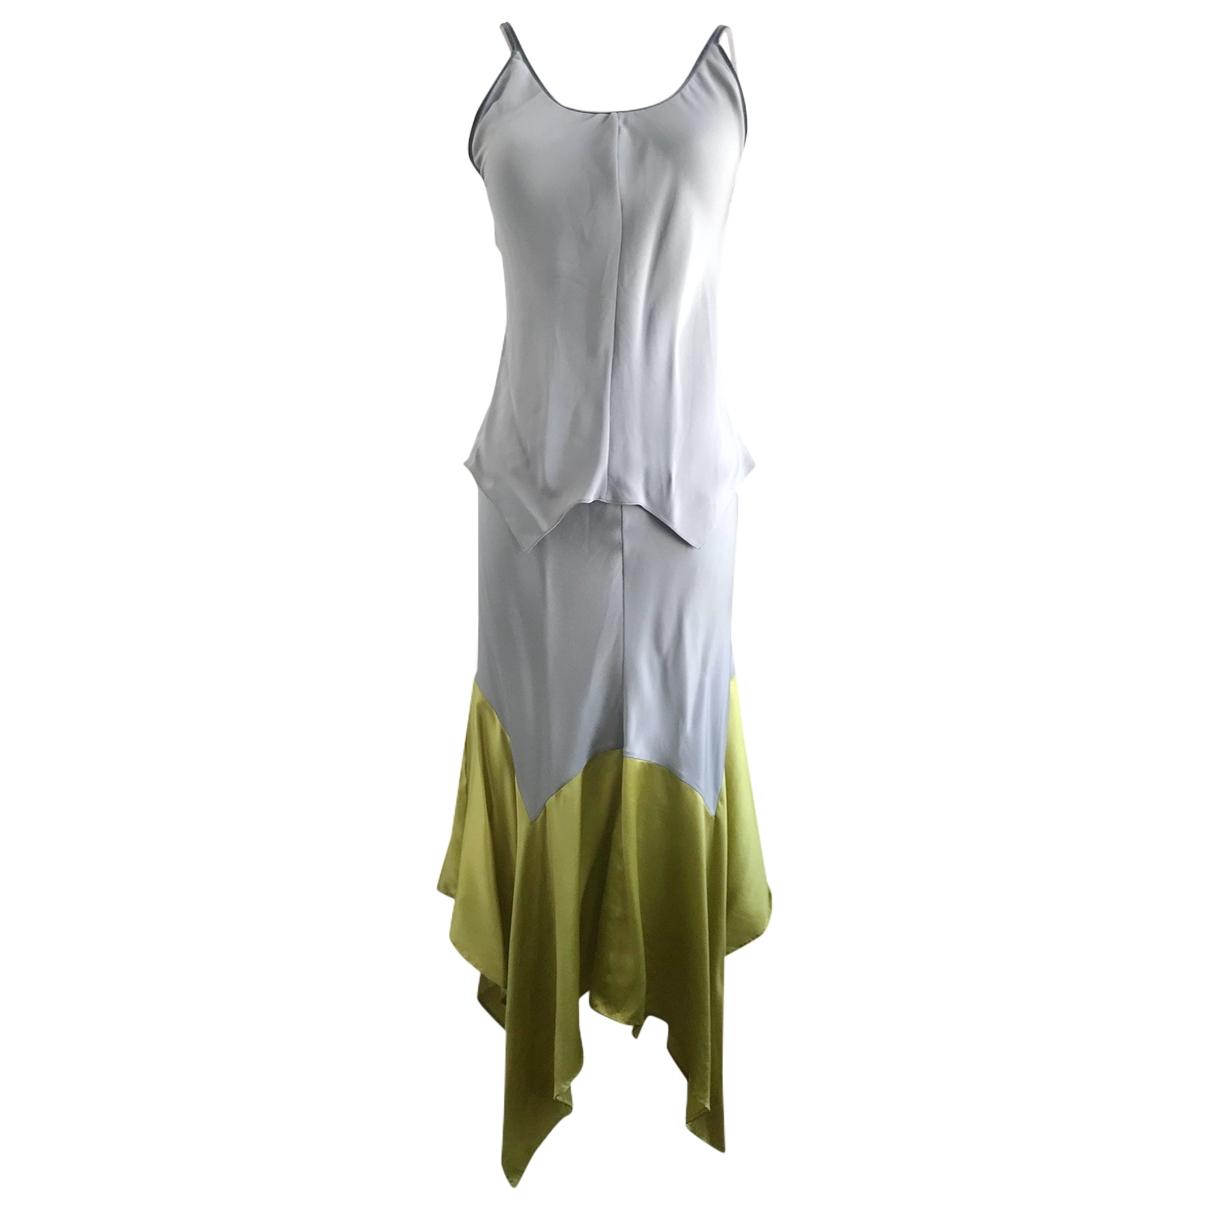 Yves Saint Laurent \N Kleid in  Grau Seide